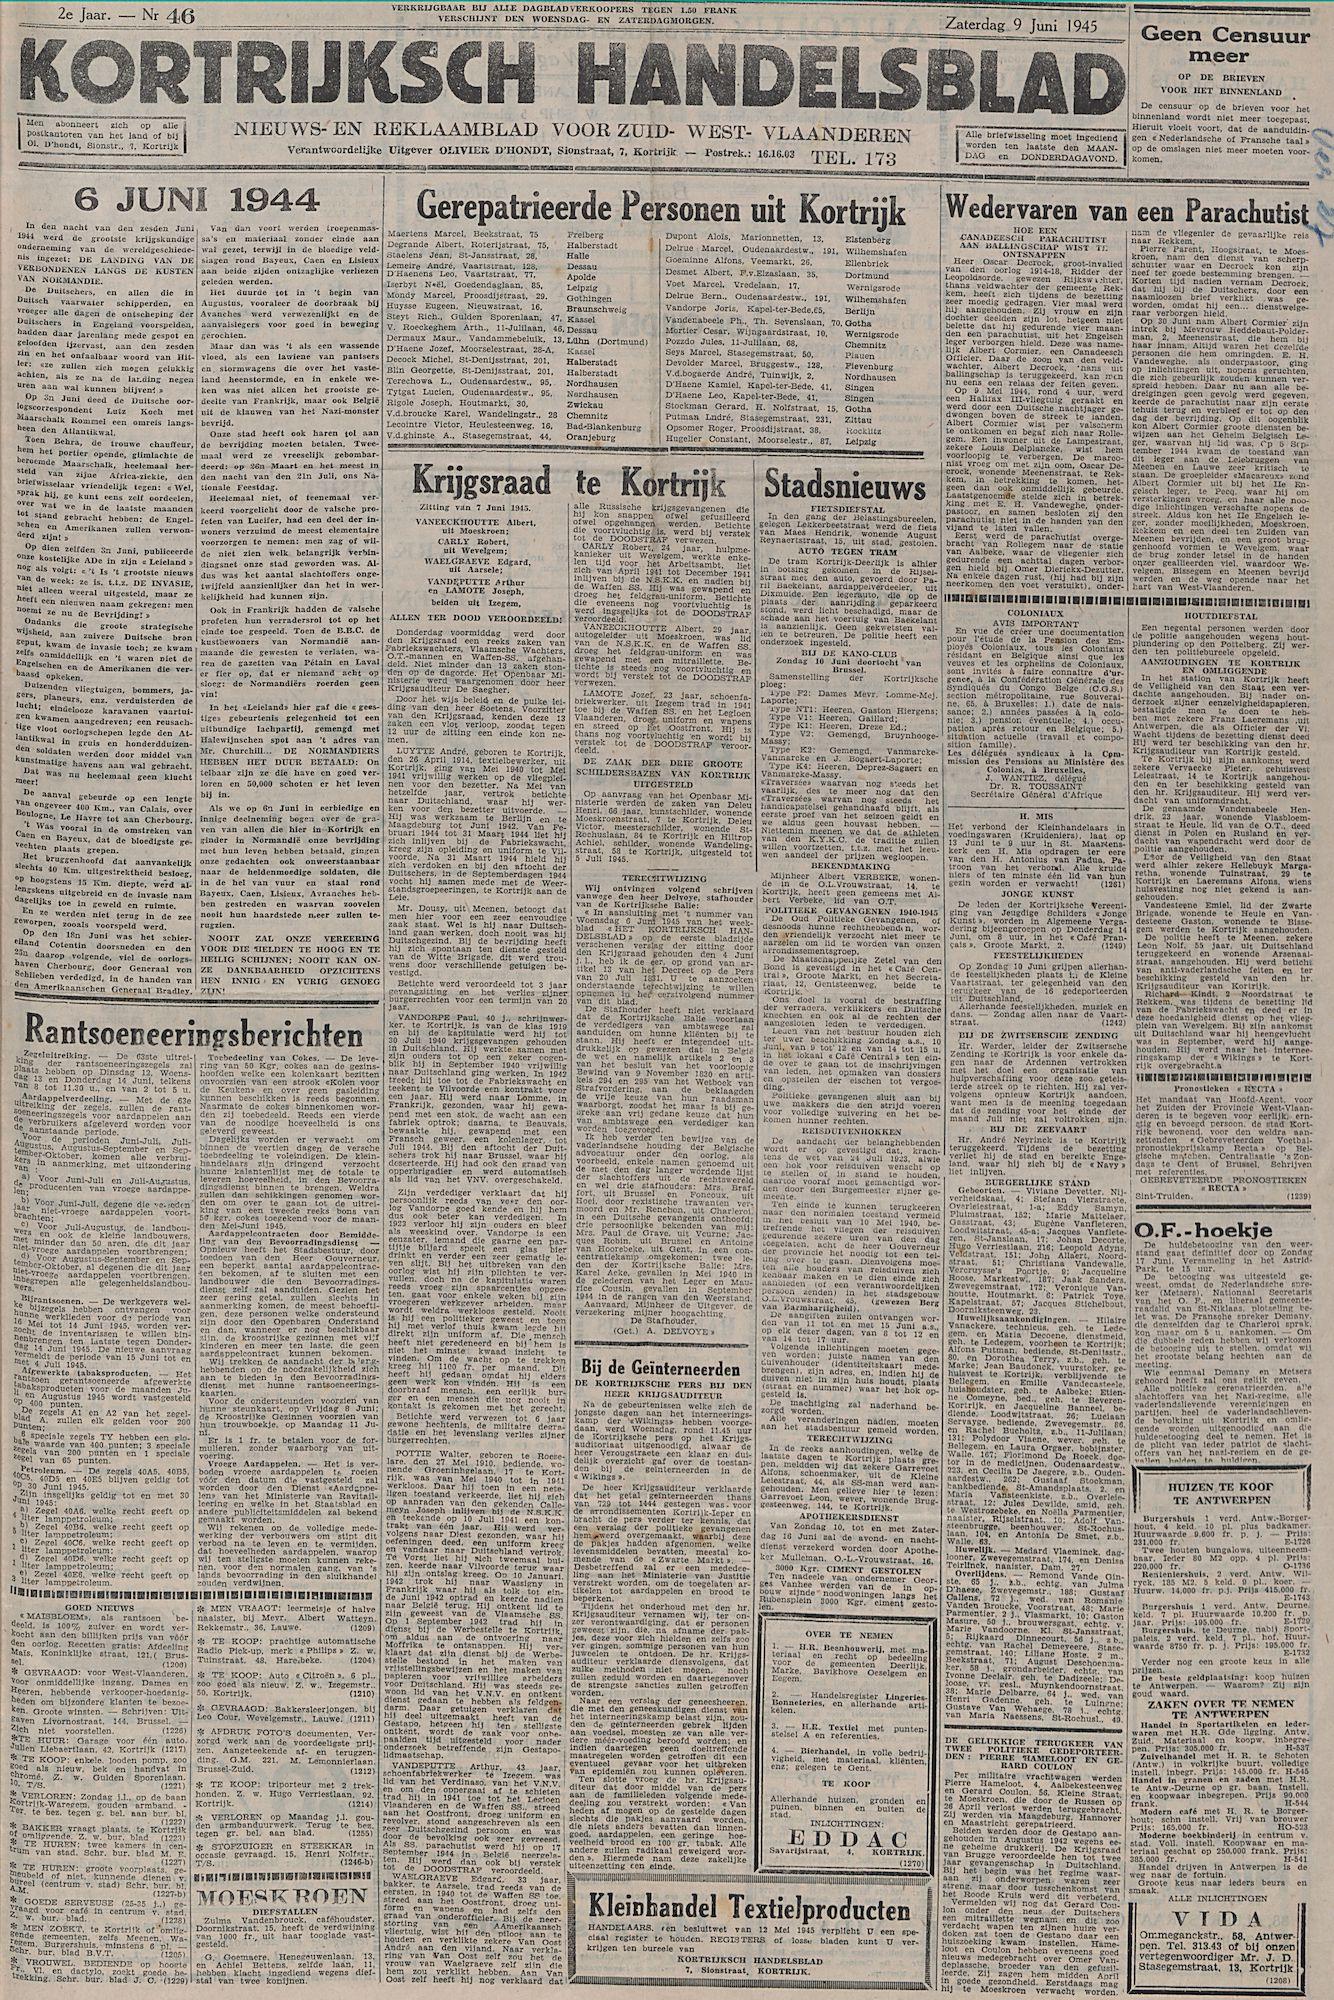 Kortrijksch Handelsblad 9 juni 1945 Nr46 p1